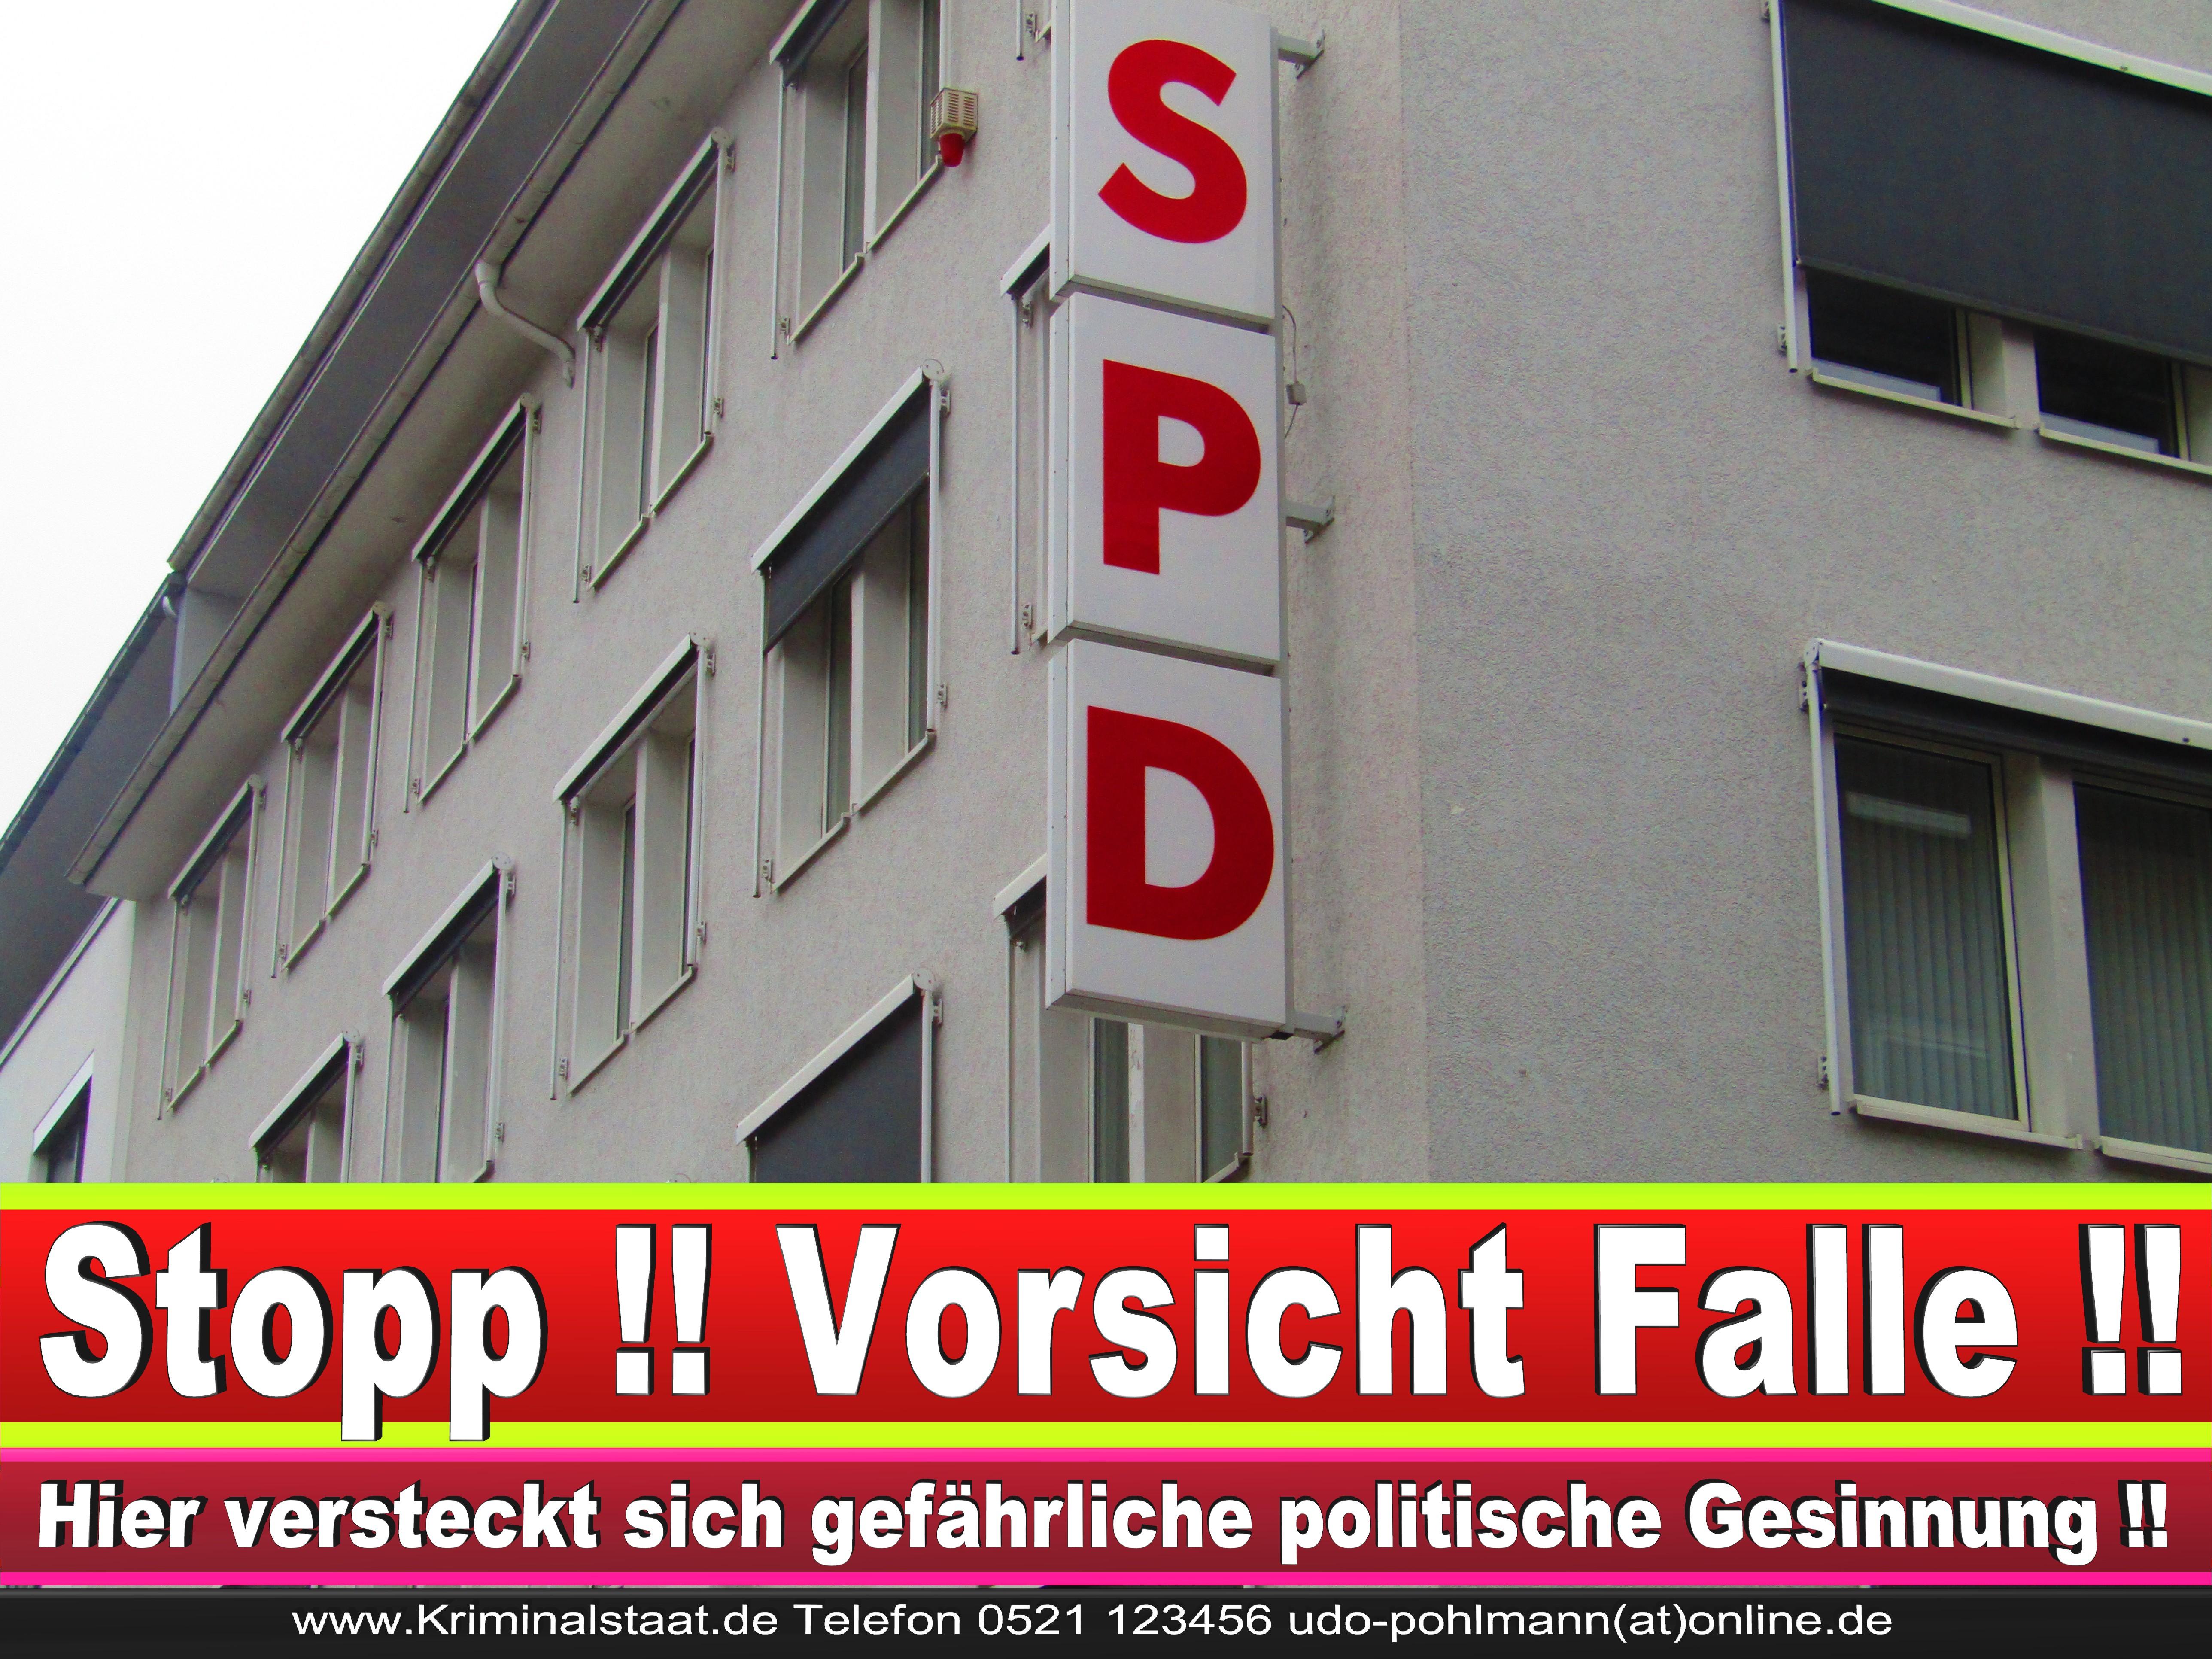 SPD DORTMUND BüRGERBüRO SPD ORTSVERBAND RAT STADT RATSMITGLIEDER SPD FRAKTION GESCHäFTSSTELLE SPD NRW ADRESSE (14) 2